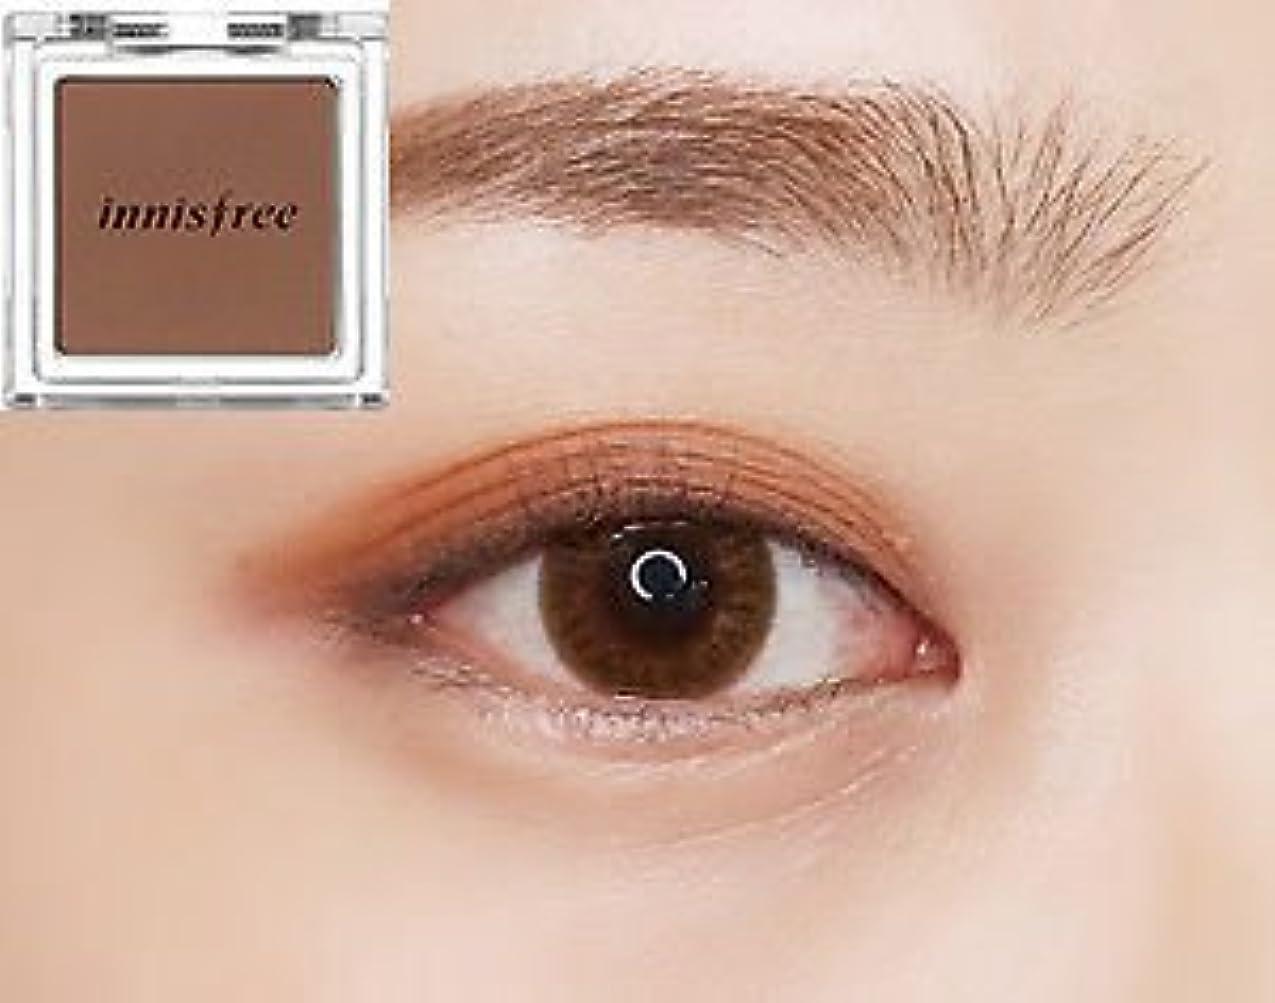 ホールド光のラベンダー[イニスフリー] innisfree [マイ パレット マイ アイシャドウ (マット) 40カラー] MY PALETTE My Eyeshadow (Matte) 40 Shades [海外直送品] (マット #20)